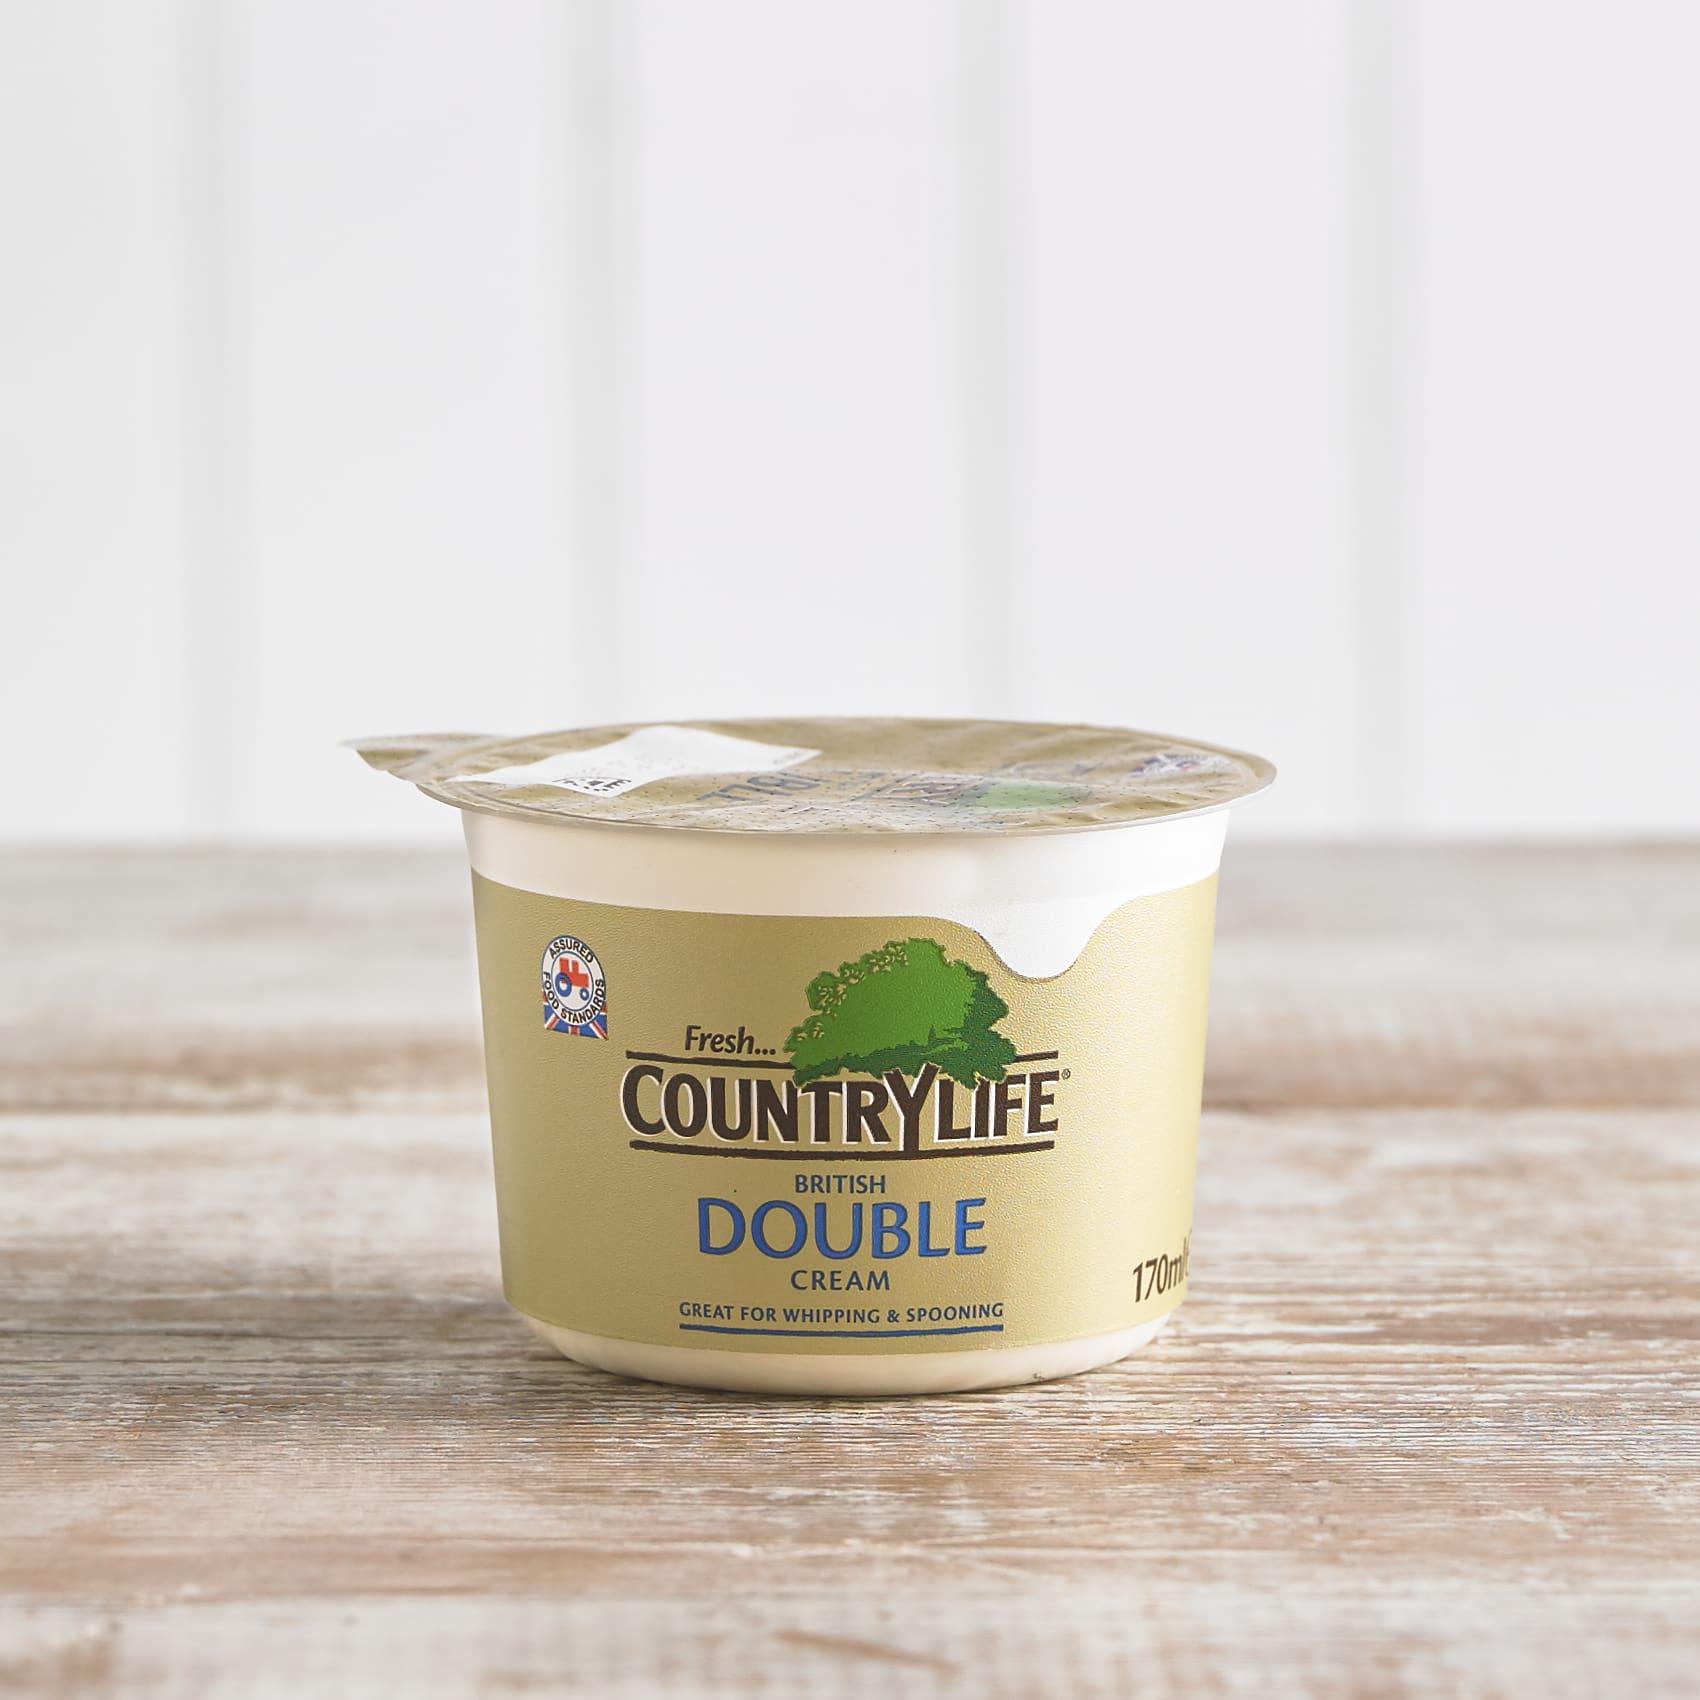 Country Life Double Cream, 170ml